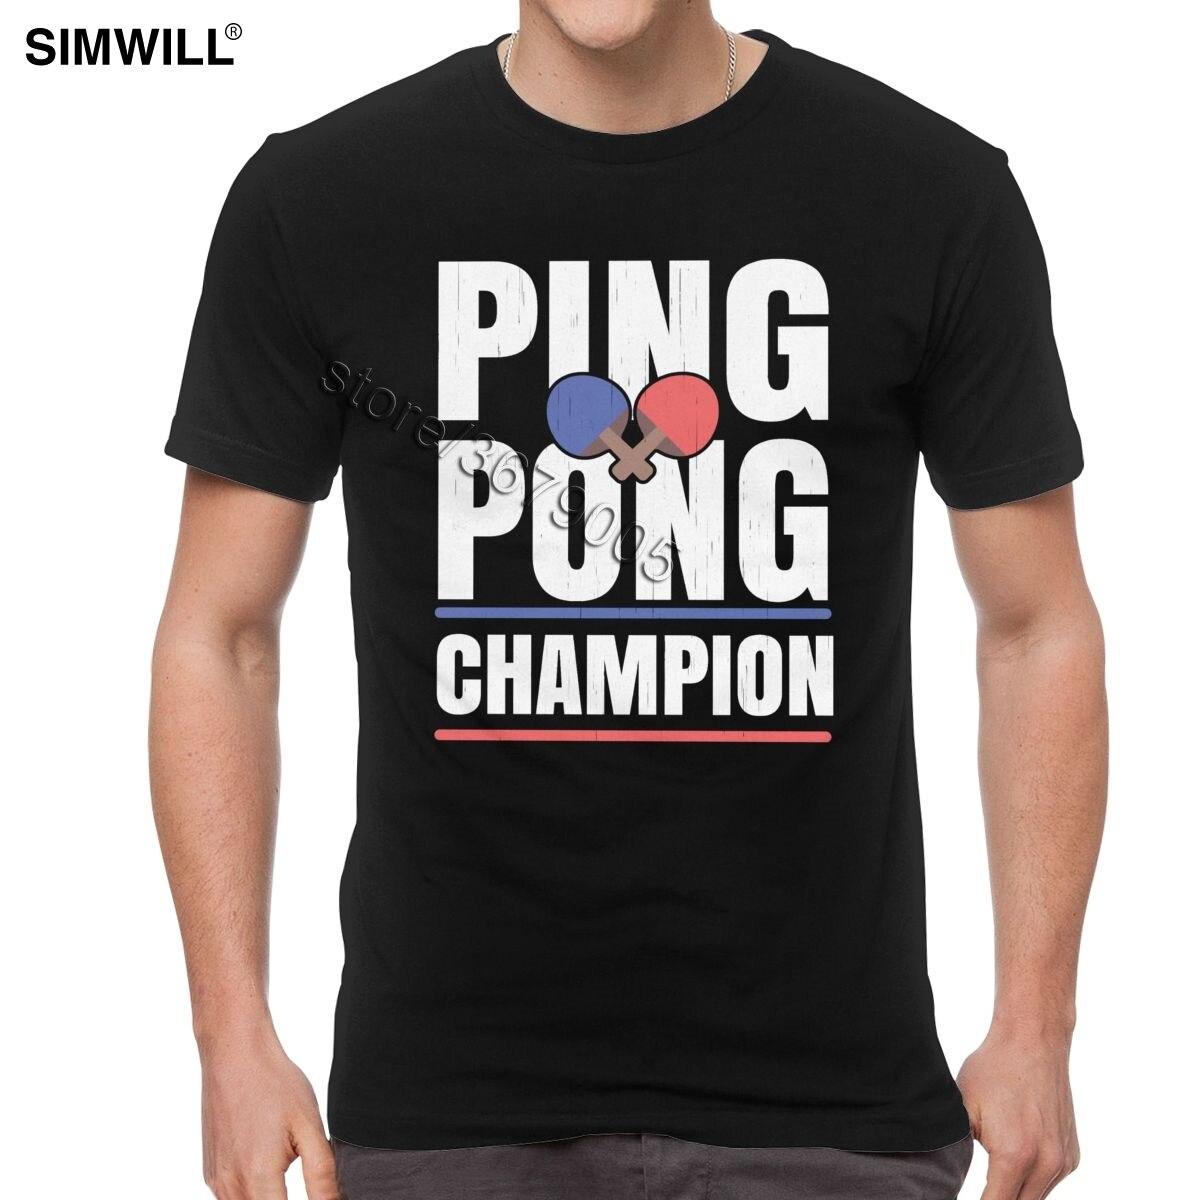 Camisetas Retro de Ping Pong de algodón de verano para hombre, camiseta de manga corta con cuello redondo, camisetas Casuales